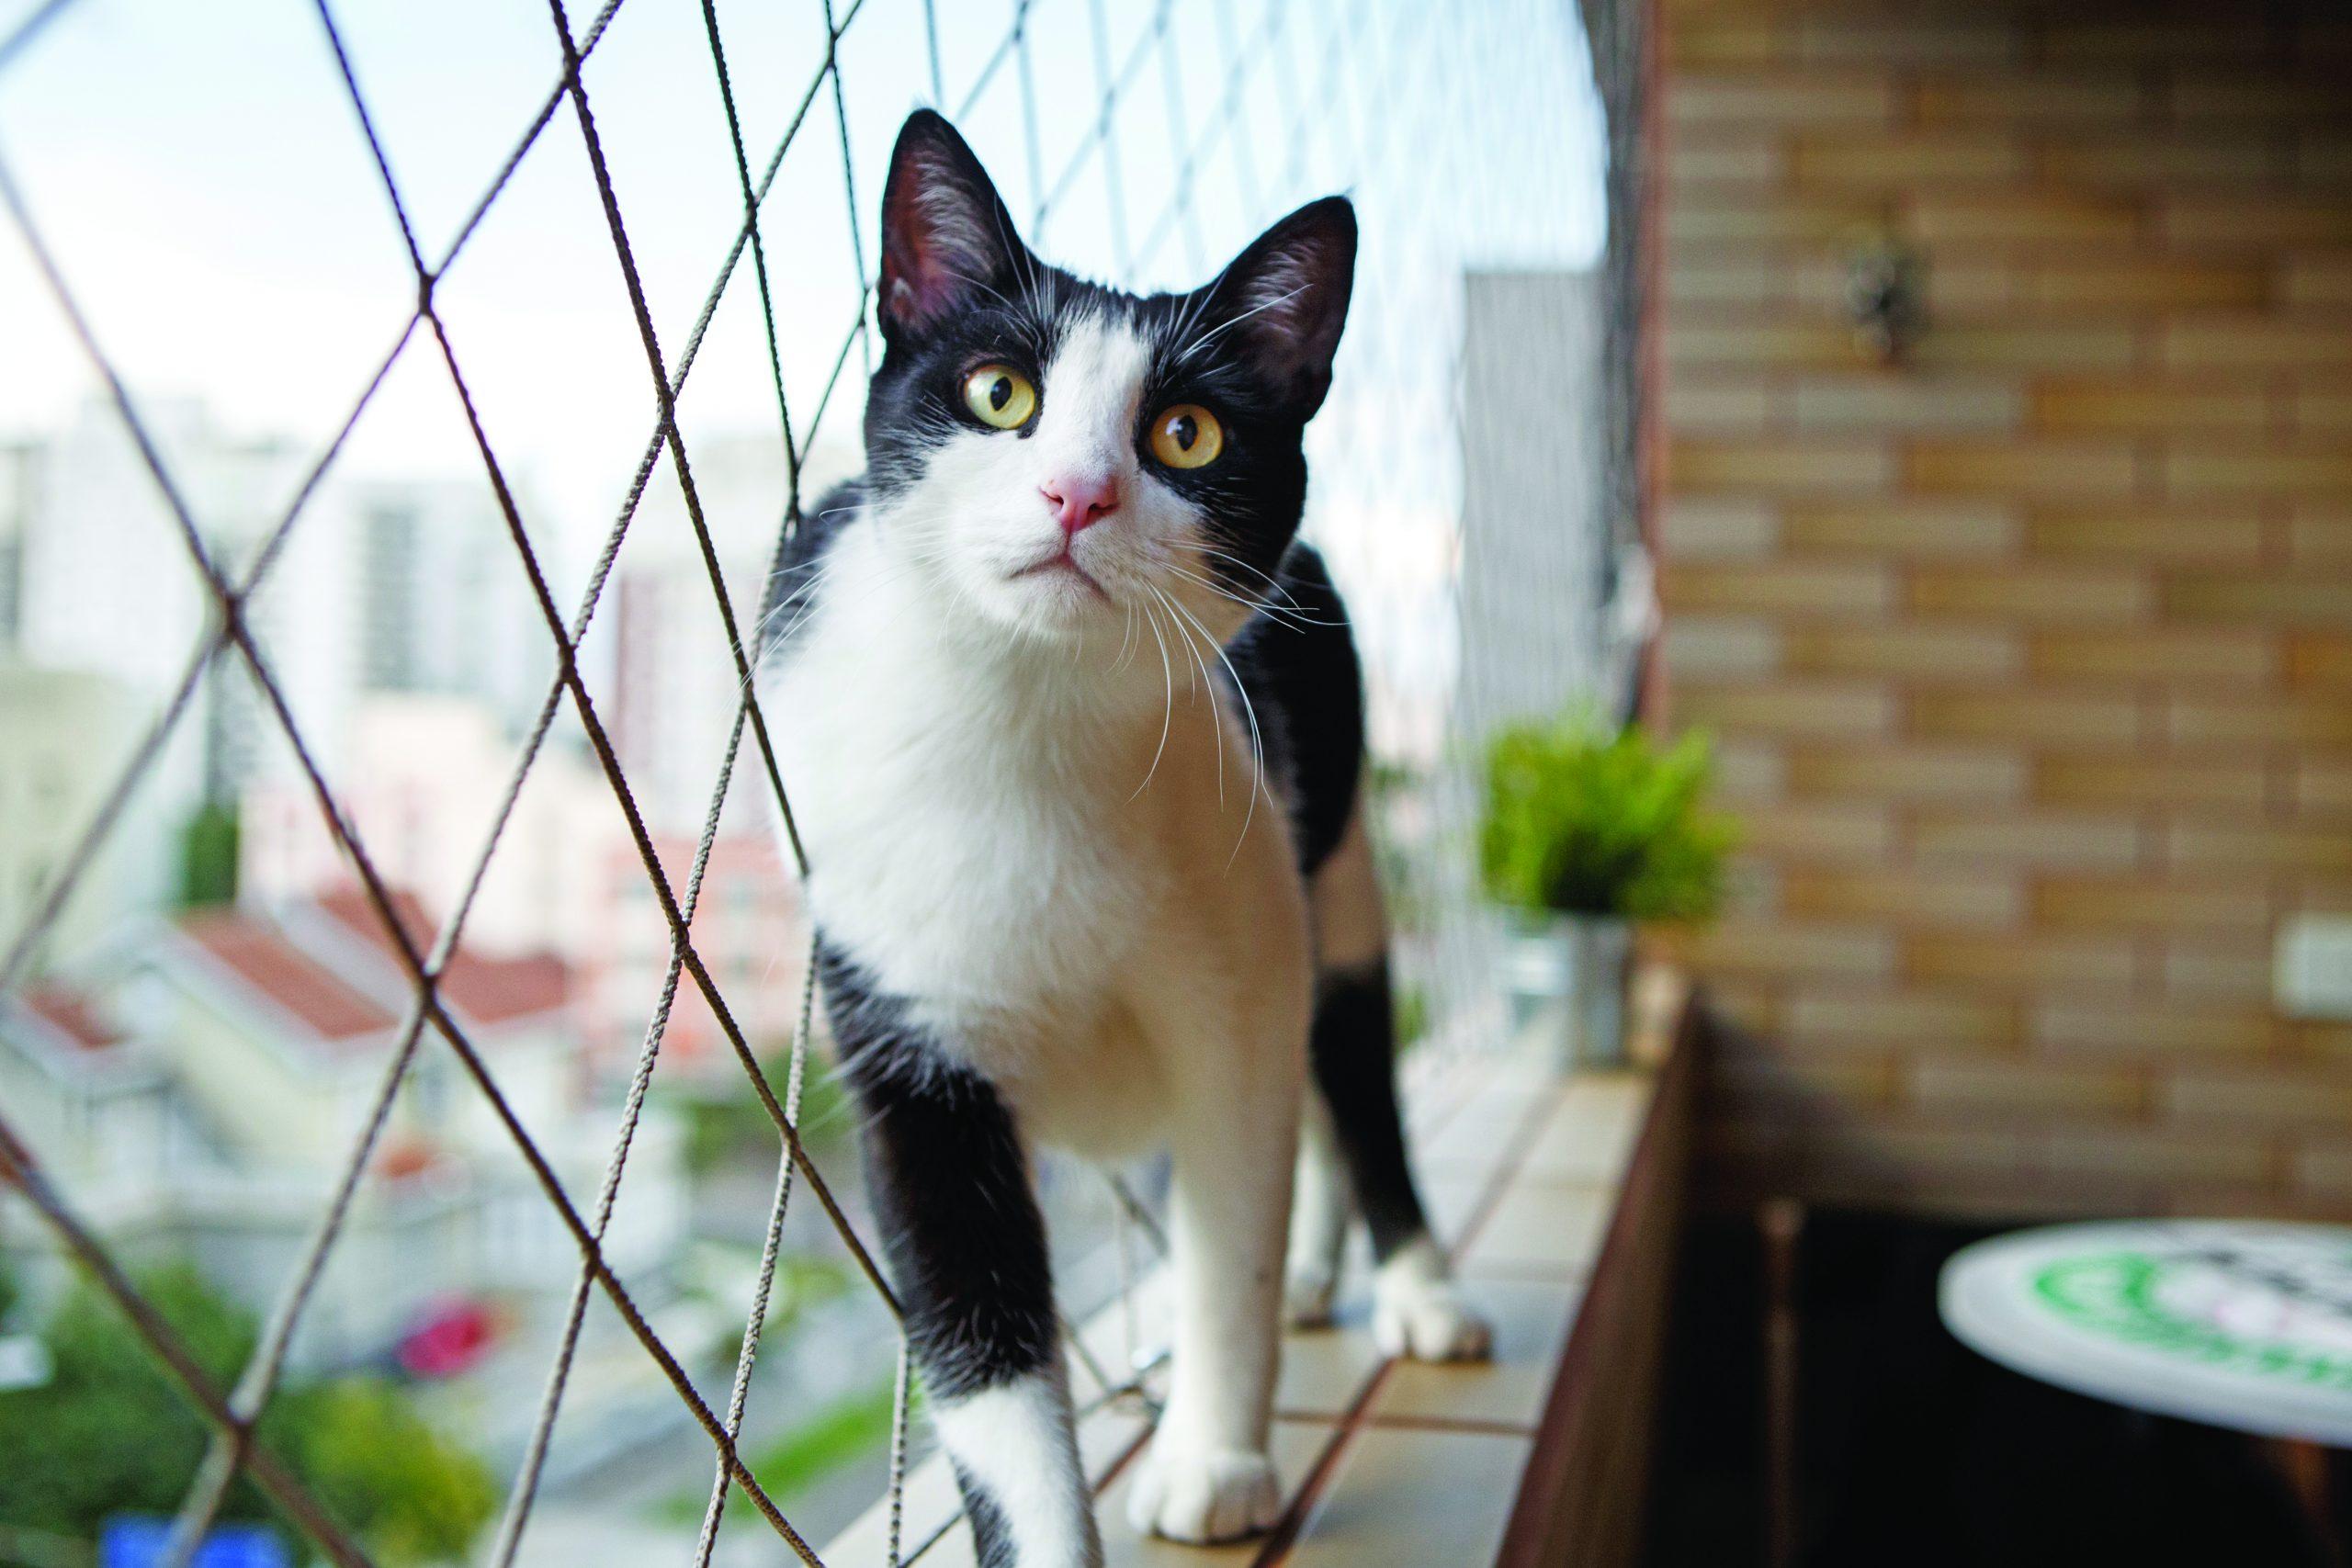 Rete Per Gatti Condominio una rete di protezione per i gatti - quattro zampe